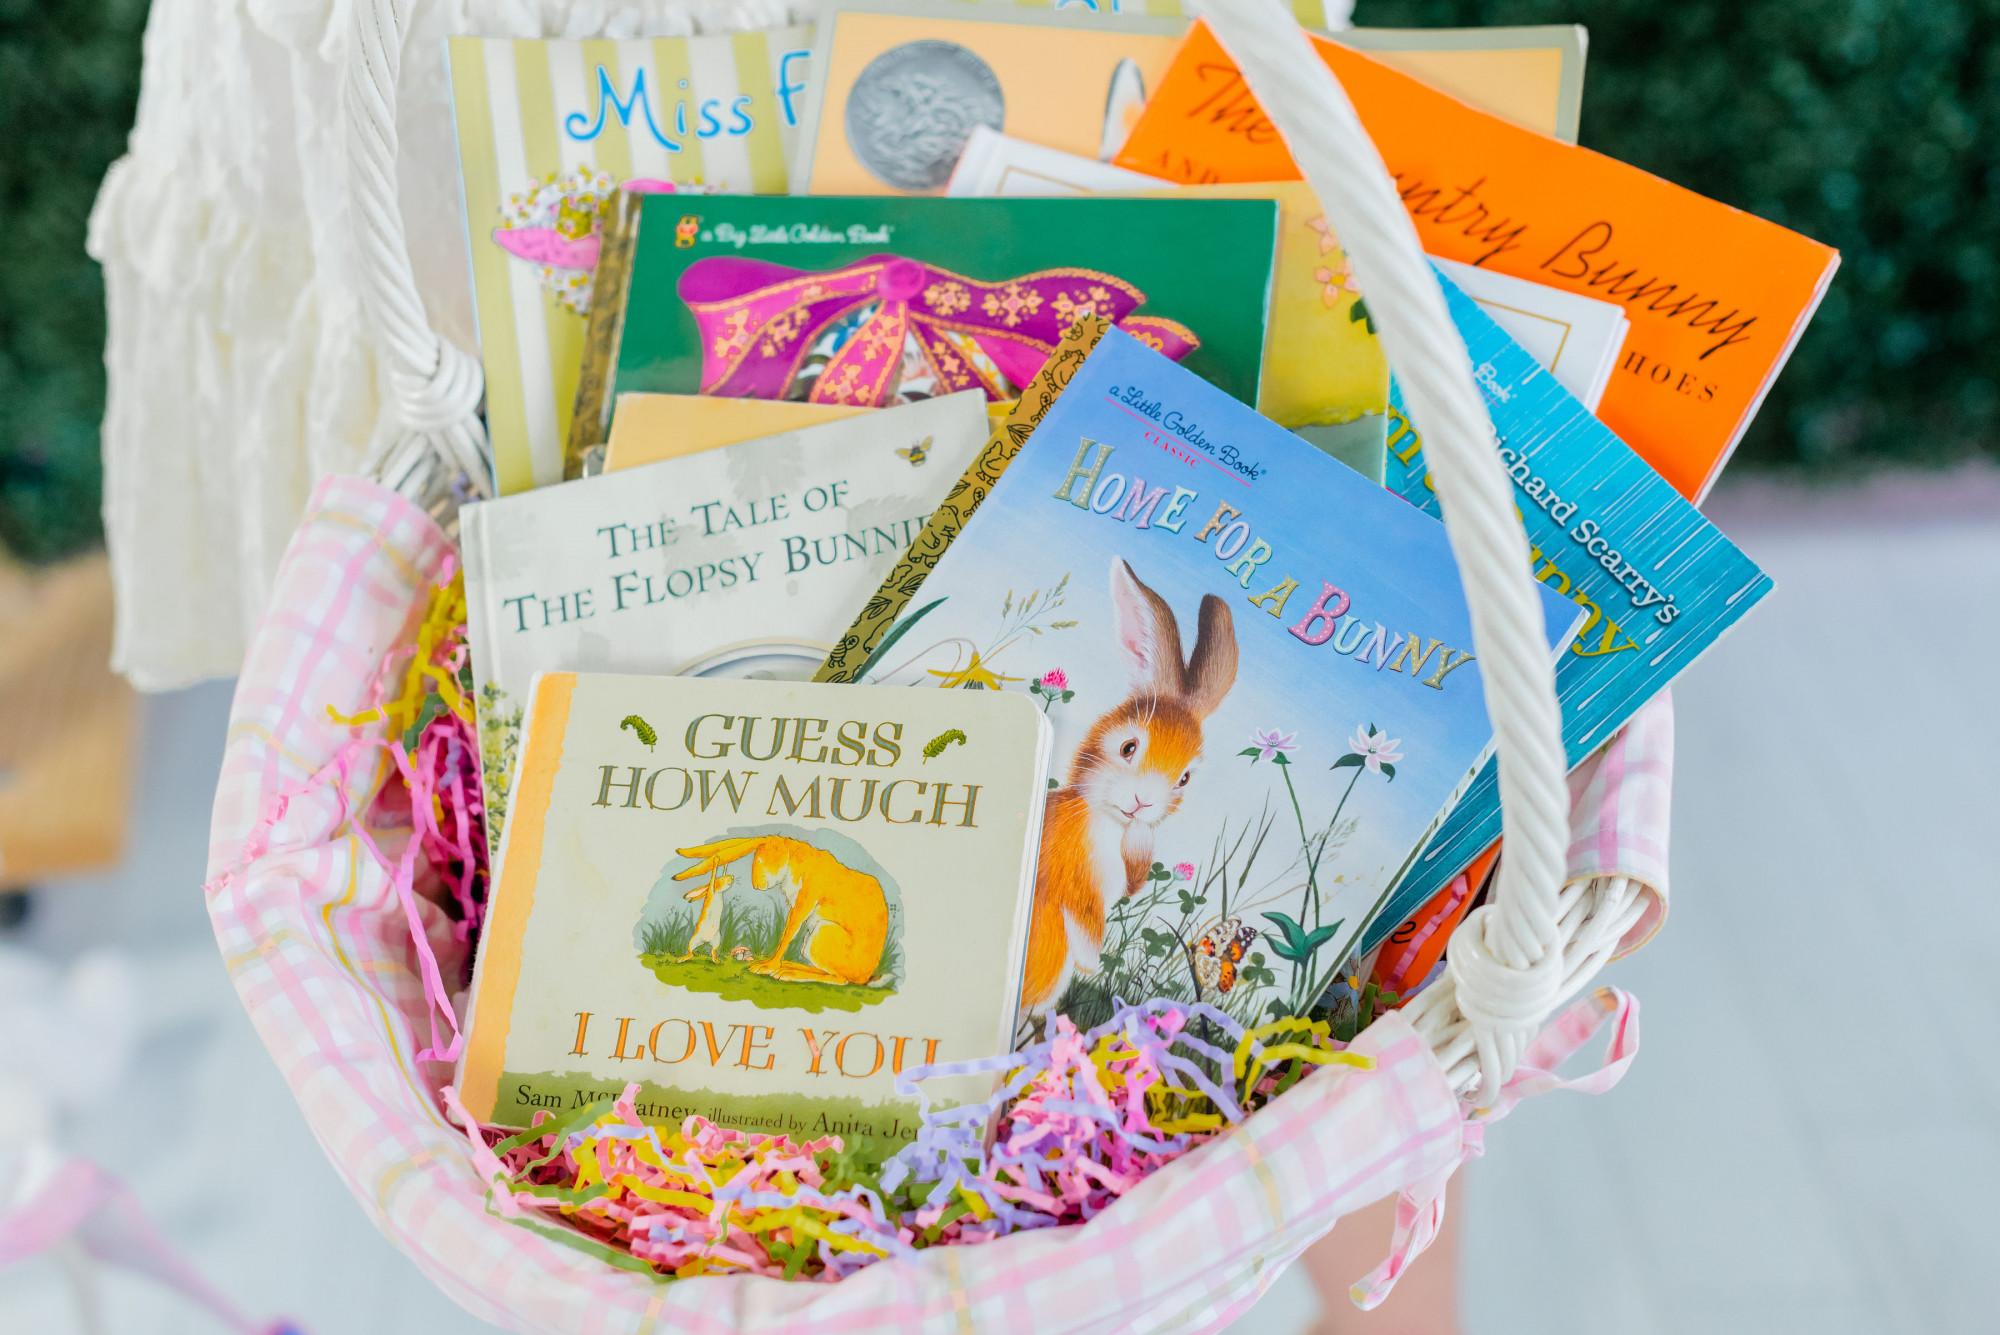 Les guides cadeaux de Pâques de DoSayGive sont en ligne ! | Do Say Give 3